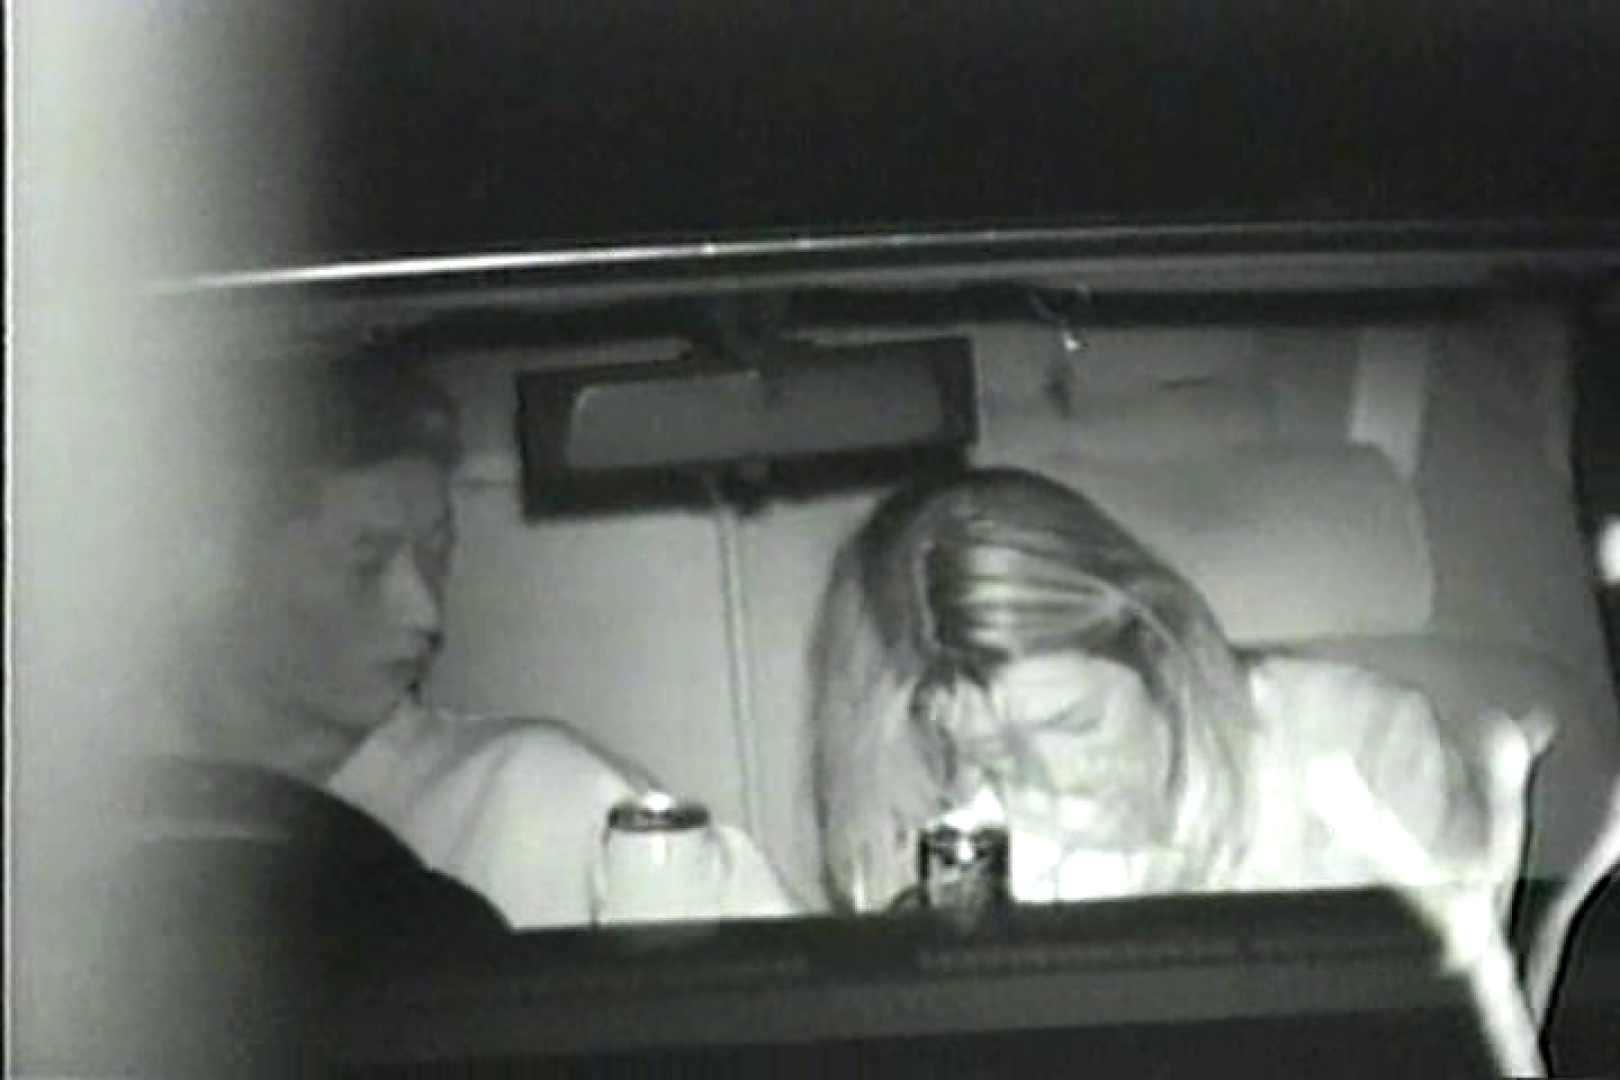 車の中はラブホテル 無修正版  Vol.9 美女OL オメコ無修正動画無料 88連発 22